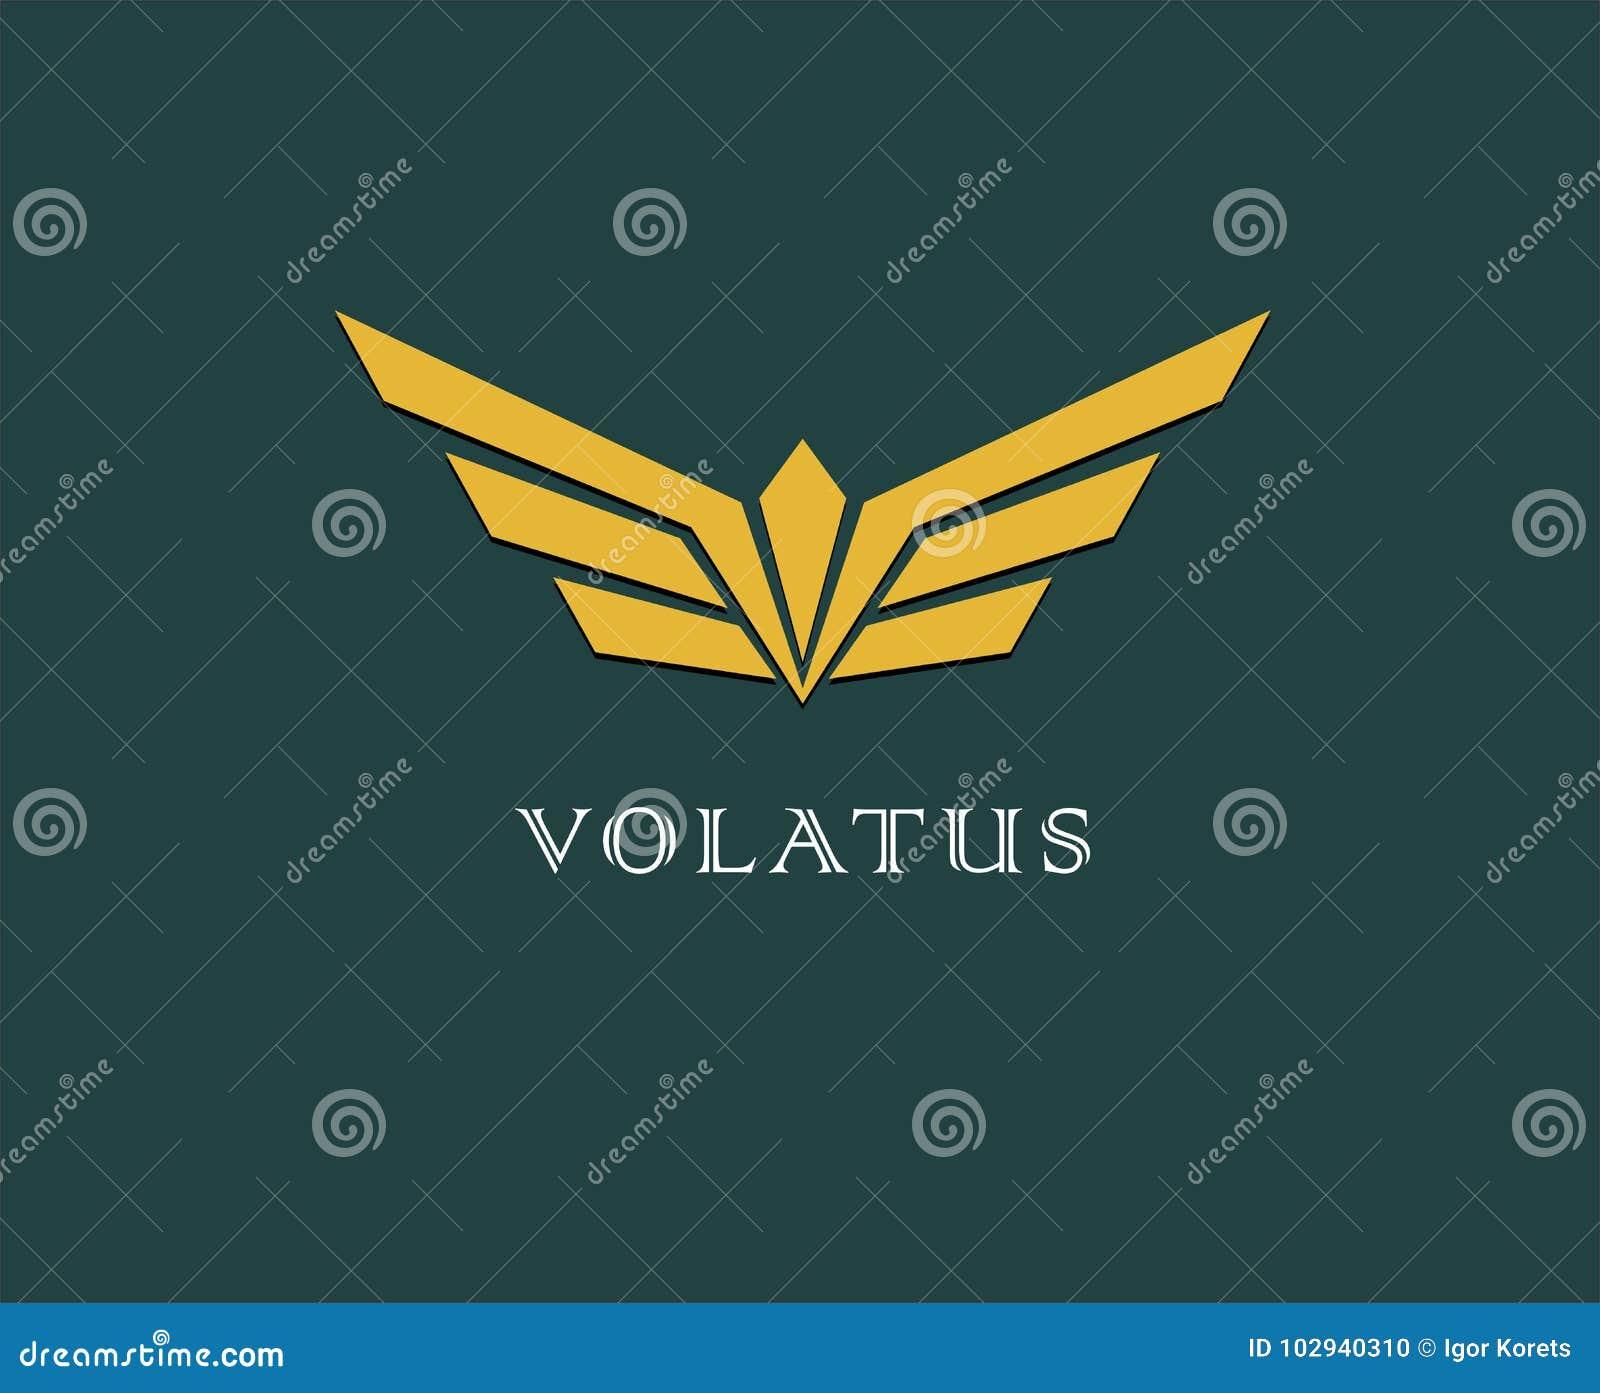 Abstracte bloem, vleugels vectorembleem Levering, zaken, lading, succes, geld, overeenkomst, contract, team, samenwerkingssymbool